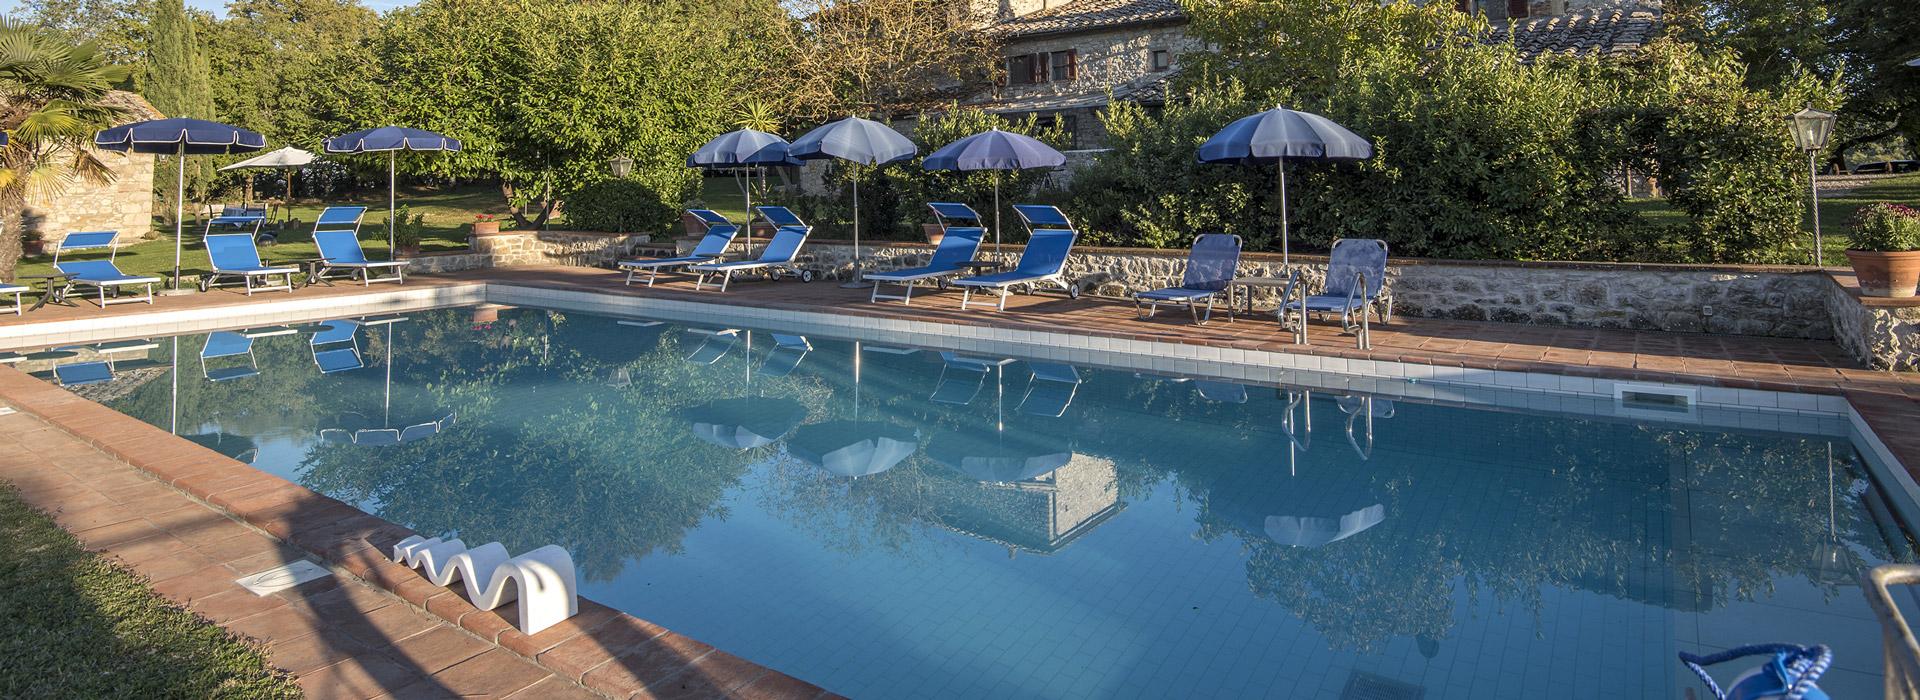 Appartamenti con piscina esterna per vacanze sulle colline del Chianti